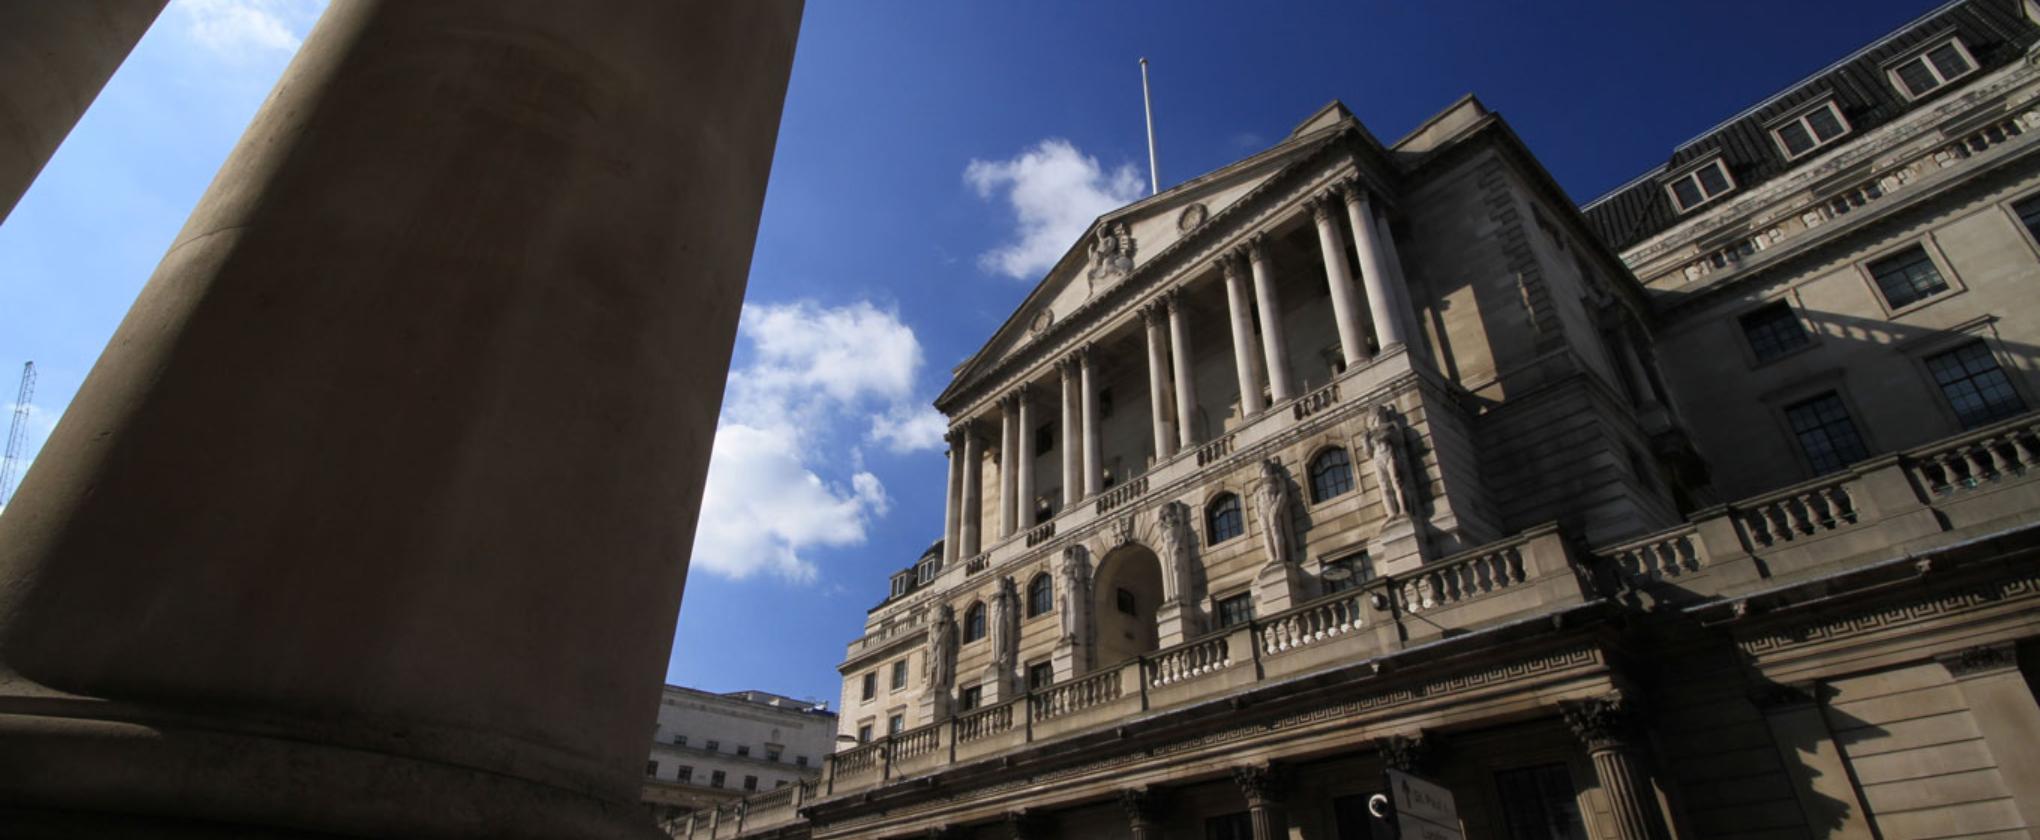 Funding for Lending Scheme Extended to 2018